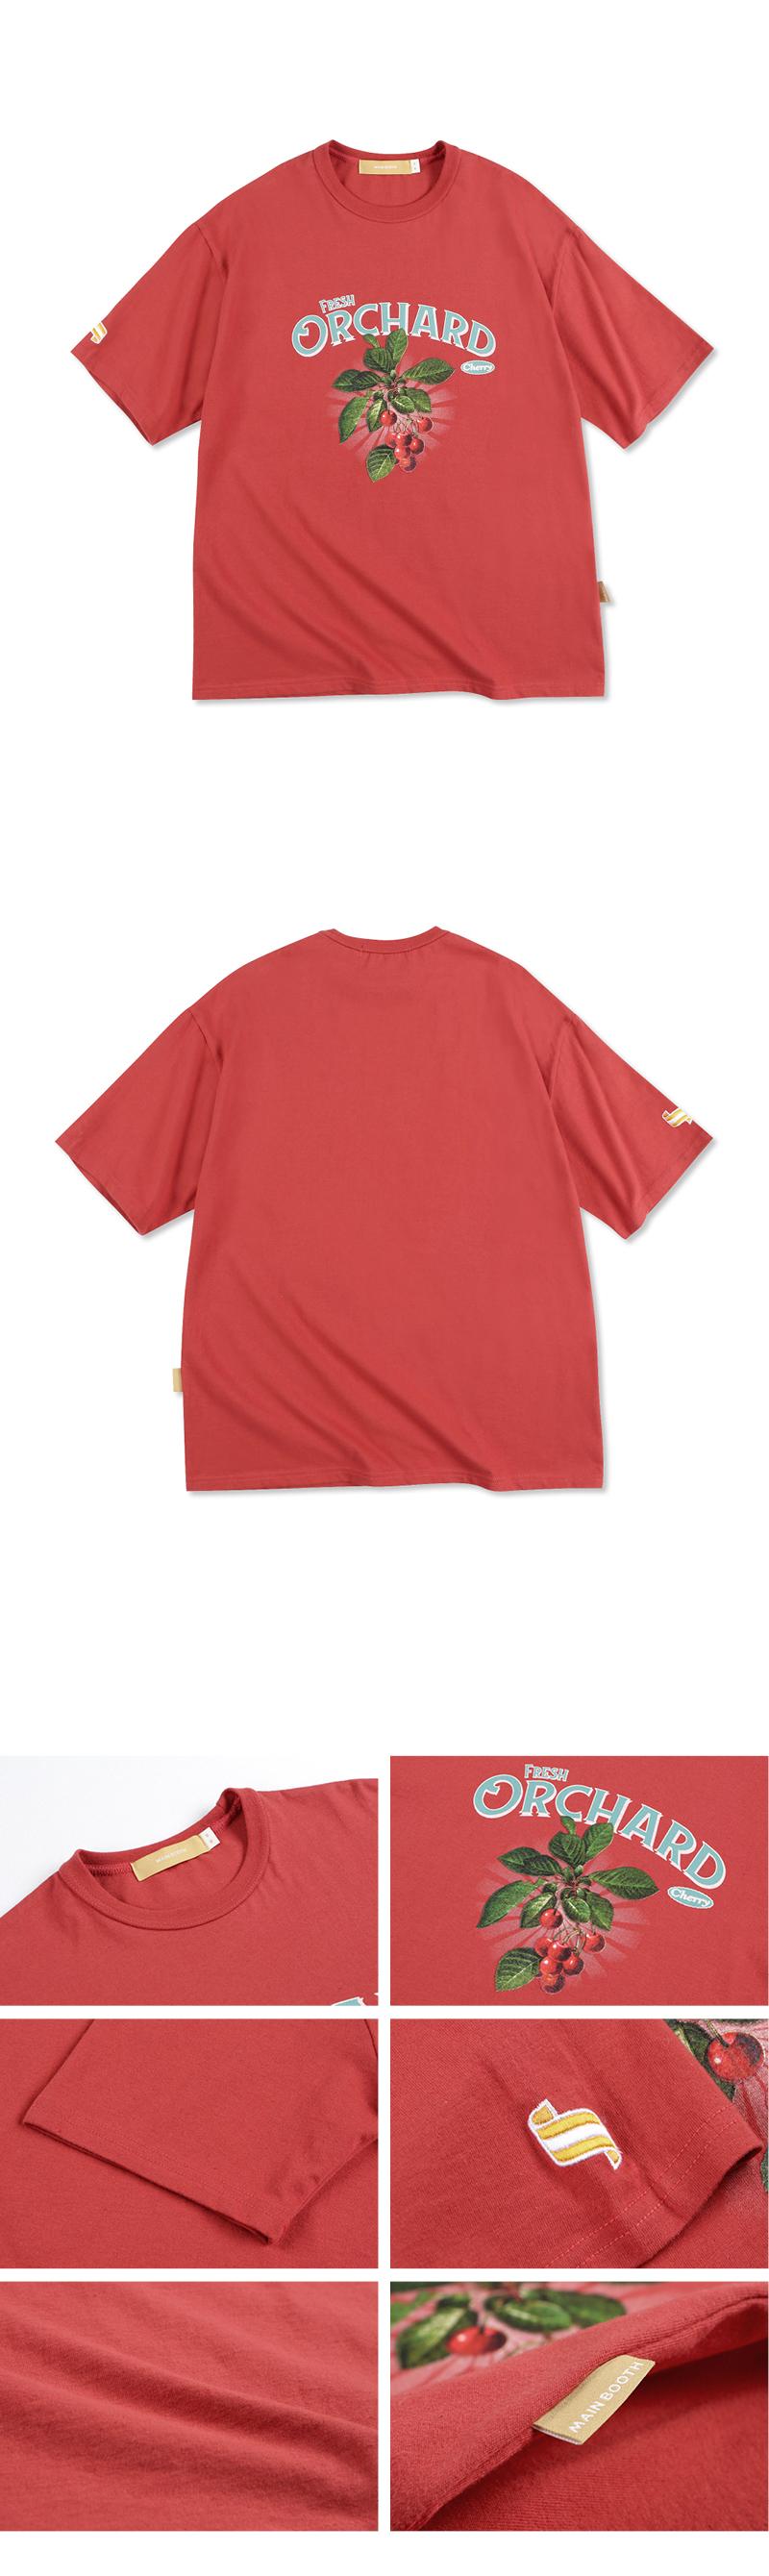 메인부스(MAINBOOTH) Cherry T-shirt(RED)